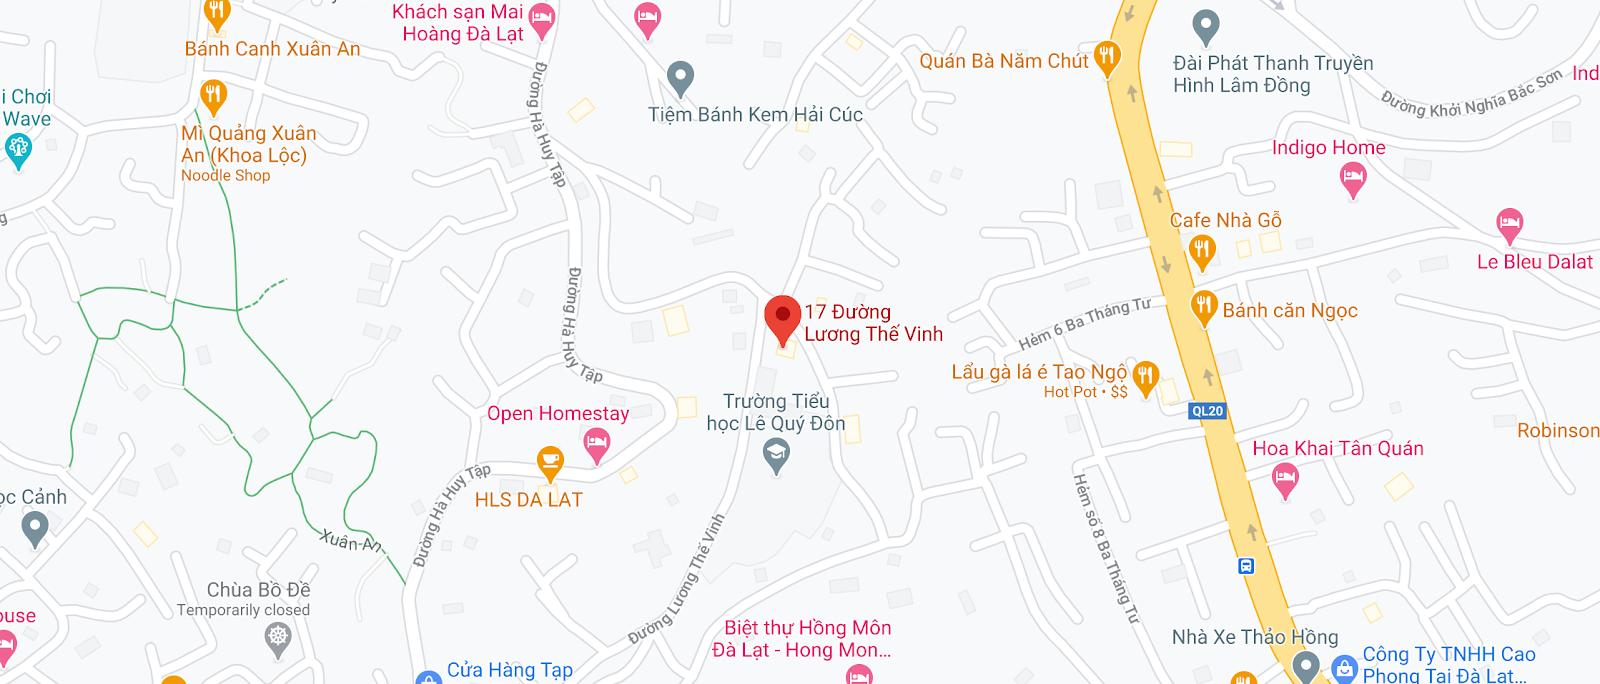 Văn phòng nhà xe Nguyễn Kim tại Đà Lạt